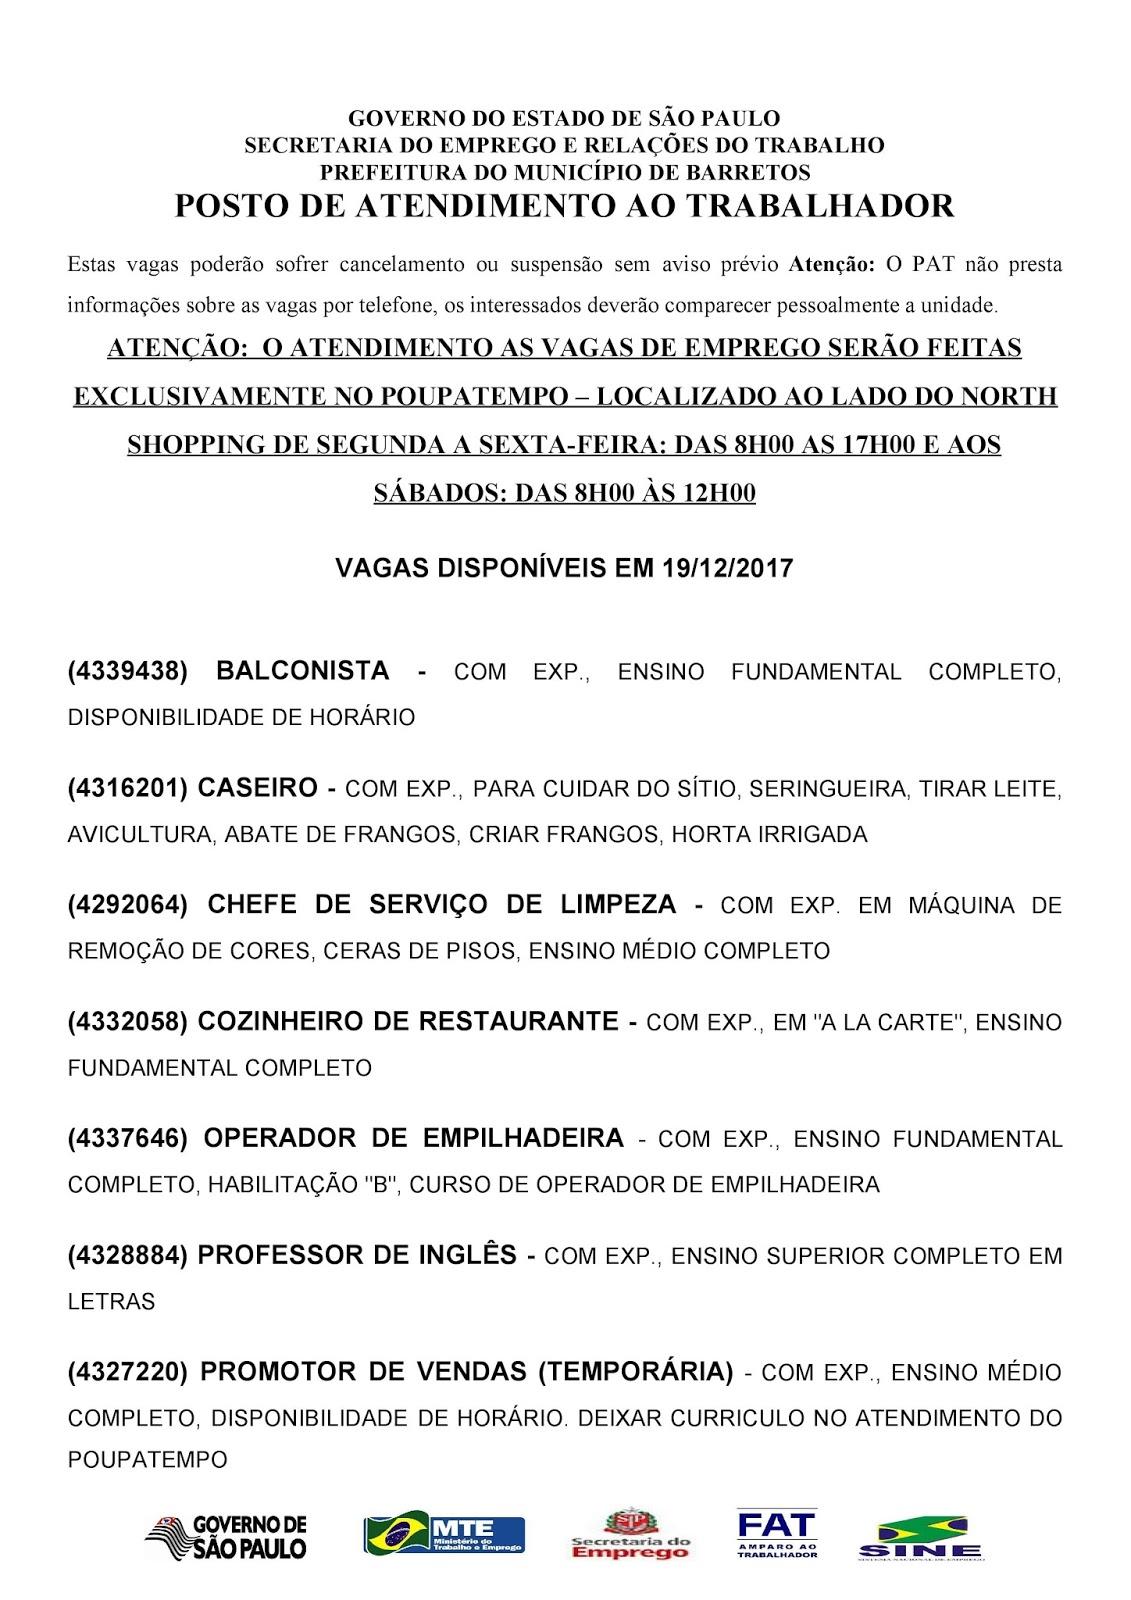 VAGAS DE EMPREGO DO PAT BARRETOS-SP PARA 19/12/2017 TERÇA-FEIRA - PÁGINA 1